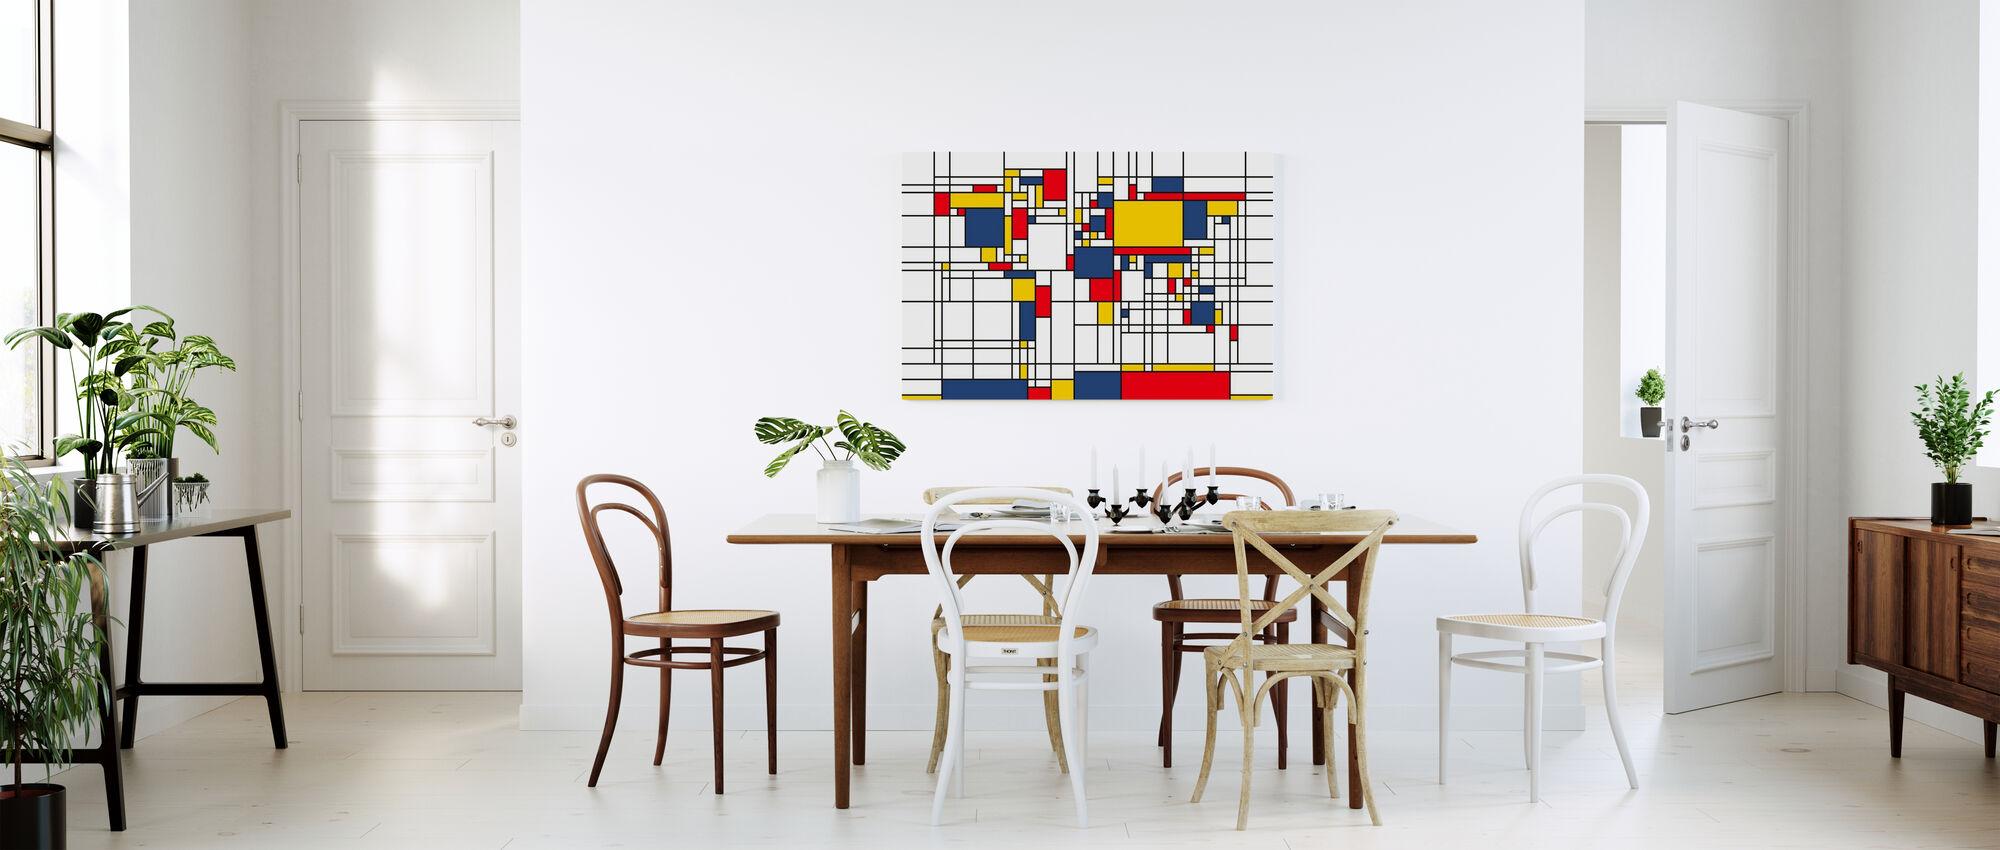 Piet Mondriaanse stijl wereldkaart - Canvas print - Keuken